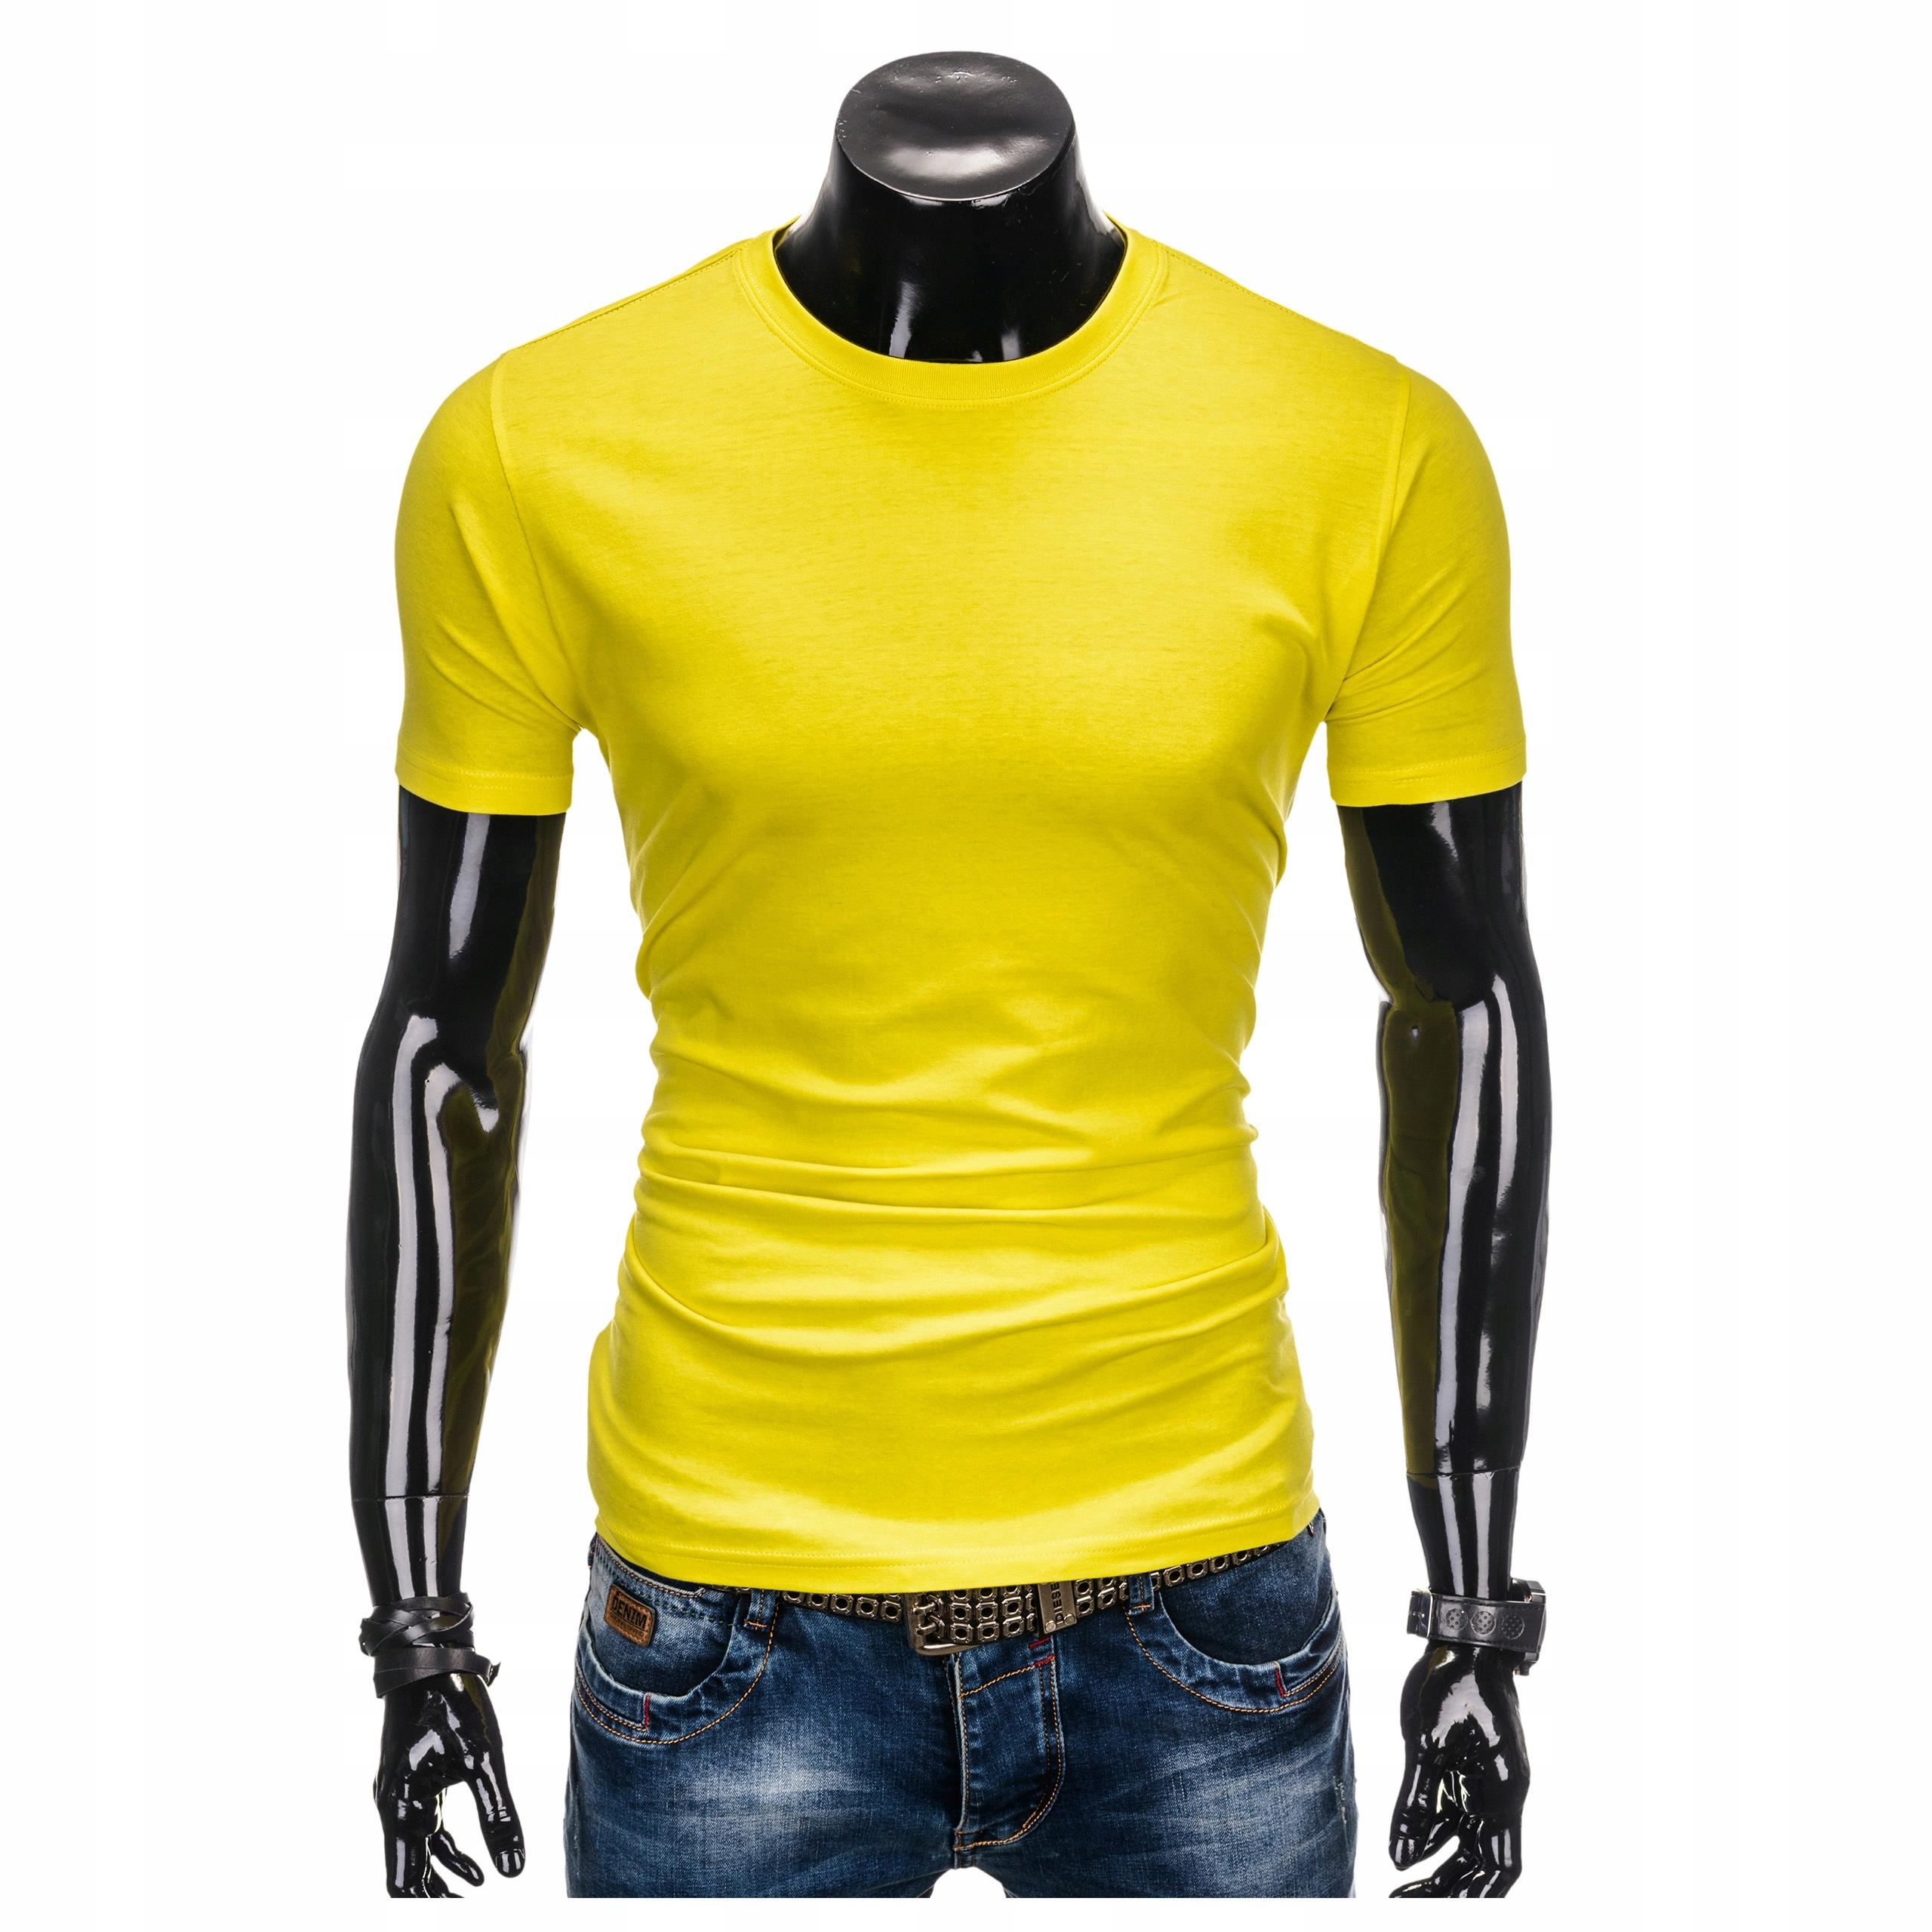 Koszulka męska t shirt OMBRE S884 żółta S 7314085813